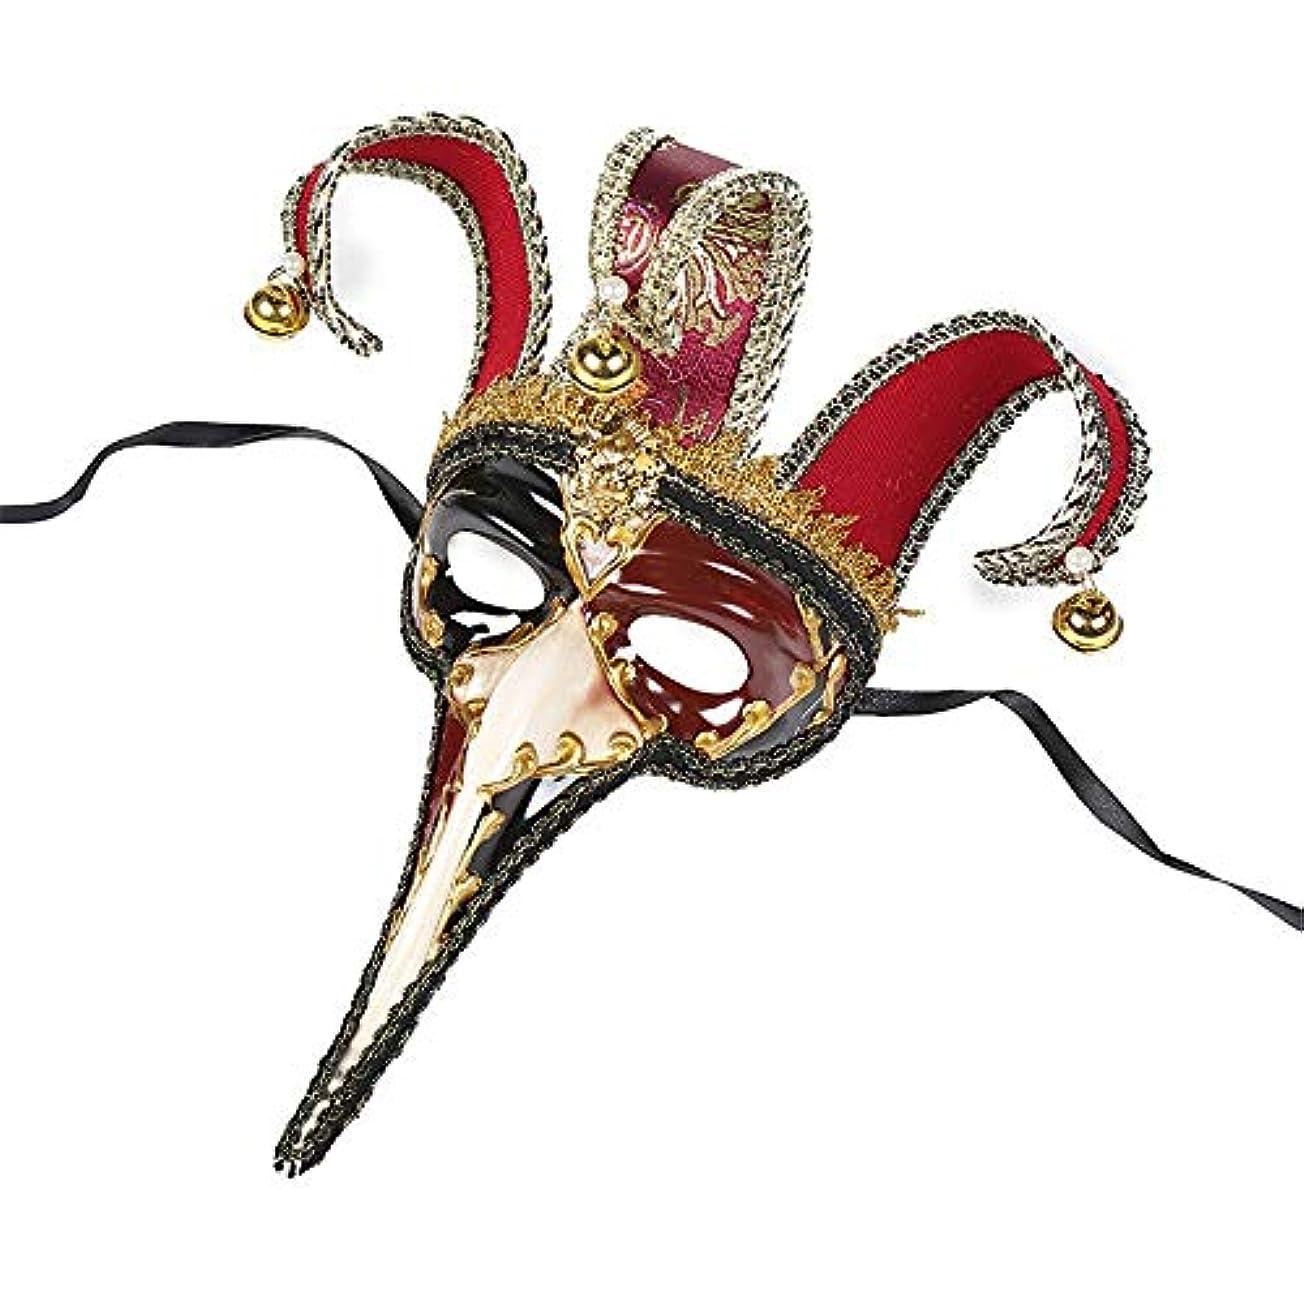 整然とした磁石無駄にダンスマスク ハーフフェイス鼻フラミンゴハロウィーン仮装雰囲気クリスマスフェスティバルロールプレイングプラスチックマスク ホリデーパーティー用品 (色 : 赤, サイズ : 42x15cm)